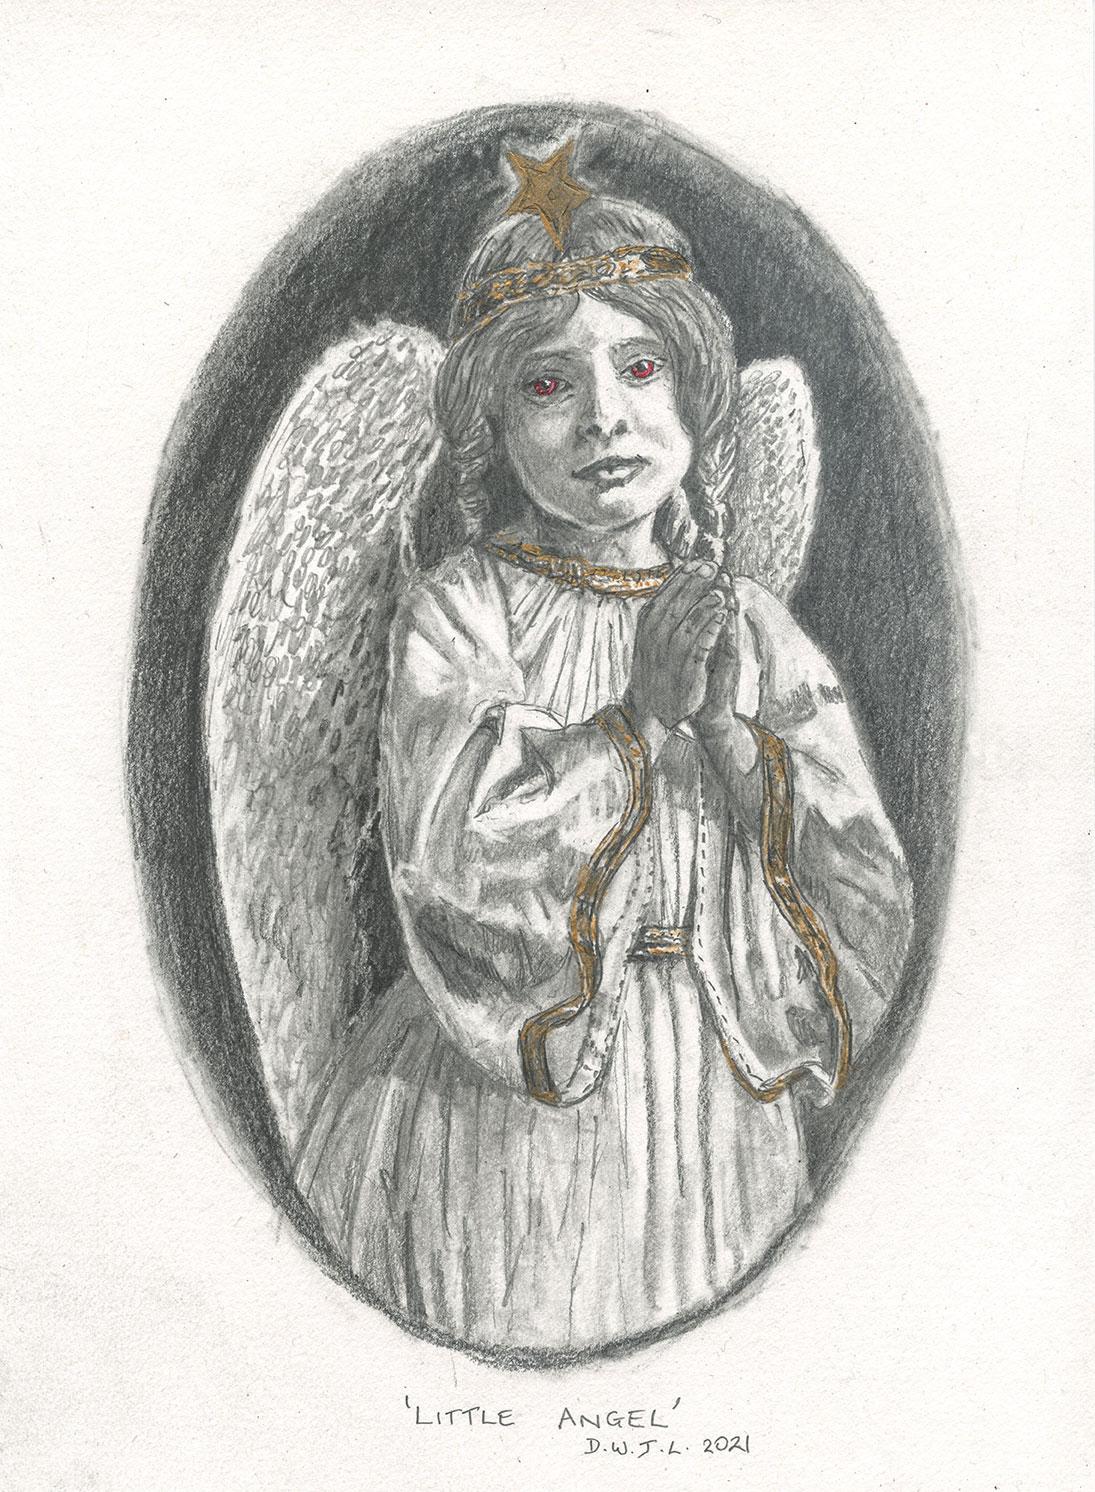 Little Angel - 2021